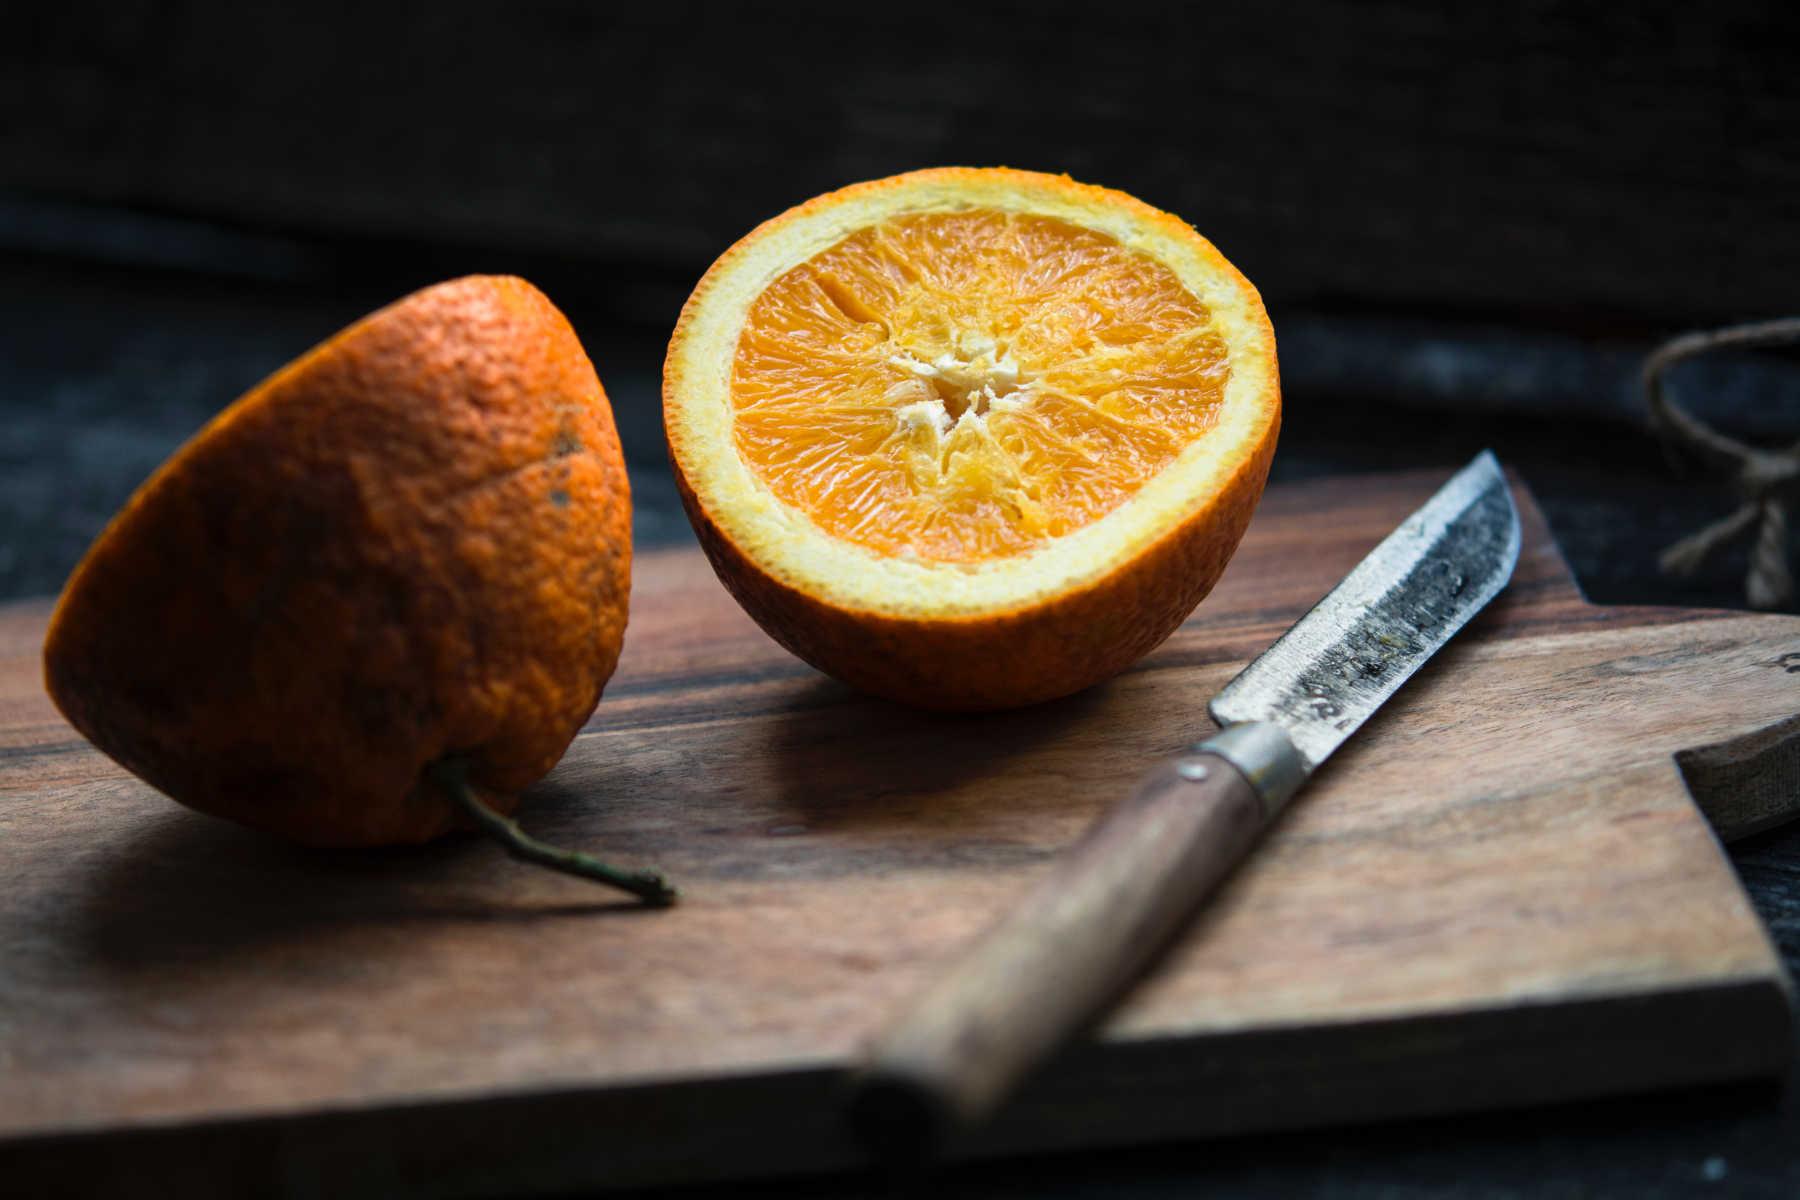 Les bienfaits des oranges contre la dégénérescence maculaire